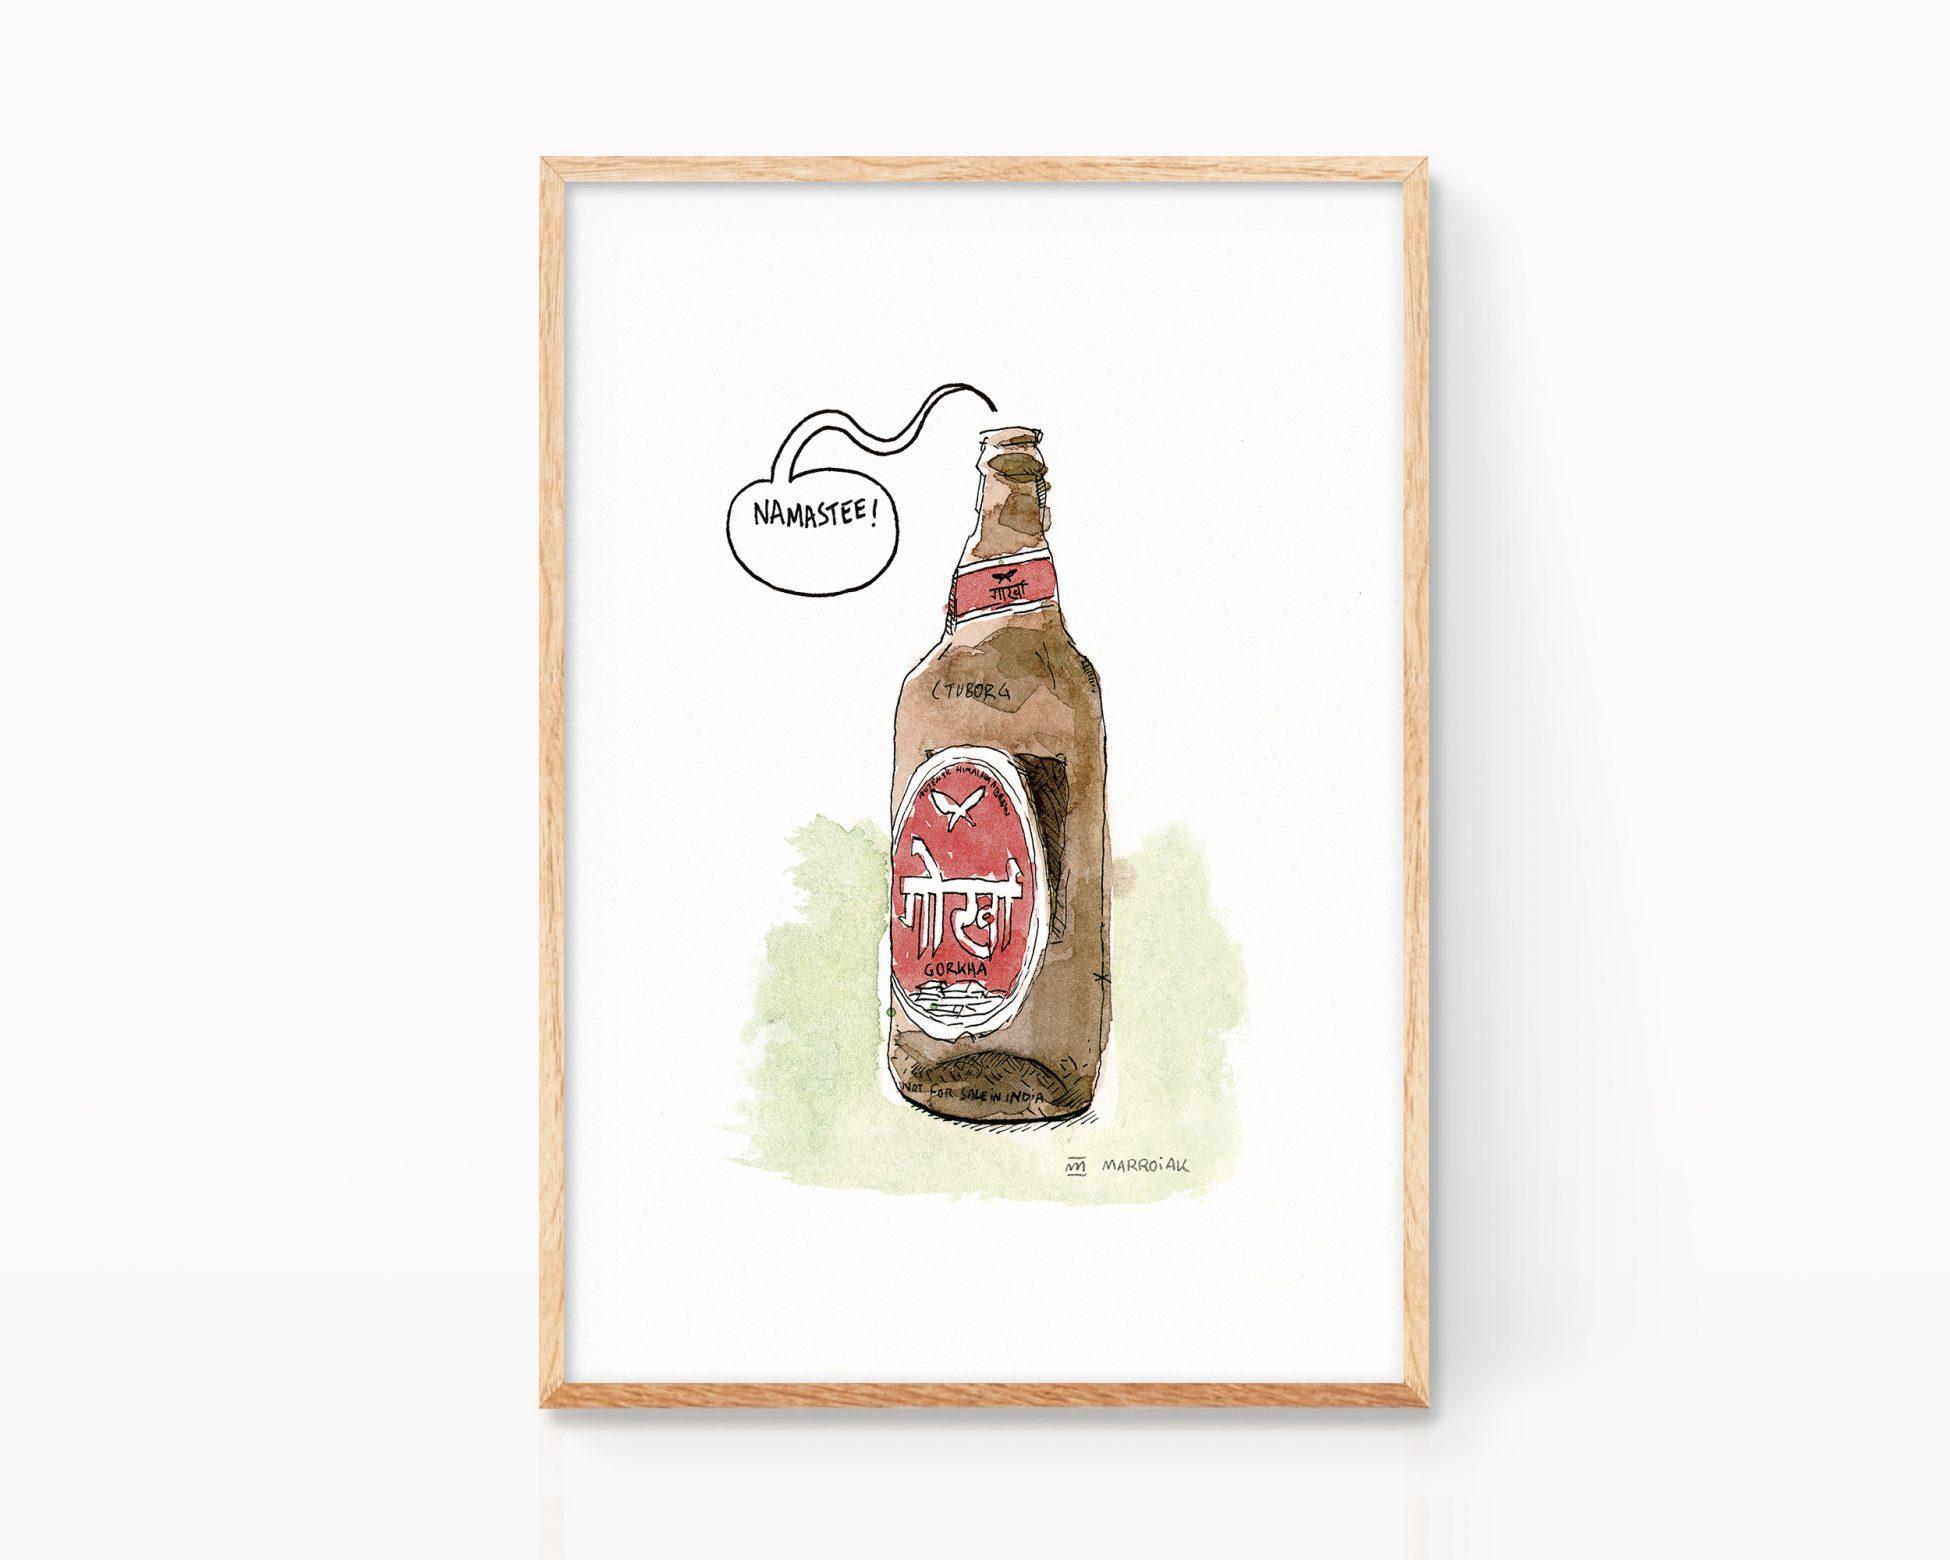 Lámina con un dibujo en tinta y acuarela de una cerveza Gorka. Cuadro decorativo para cocinas, restaurantes y cervecerías. Cervezas exóticas.